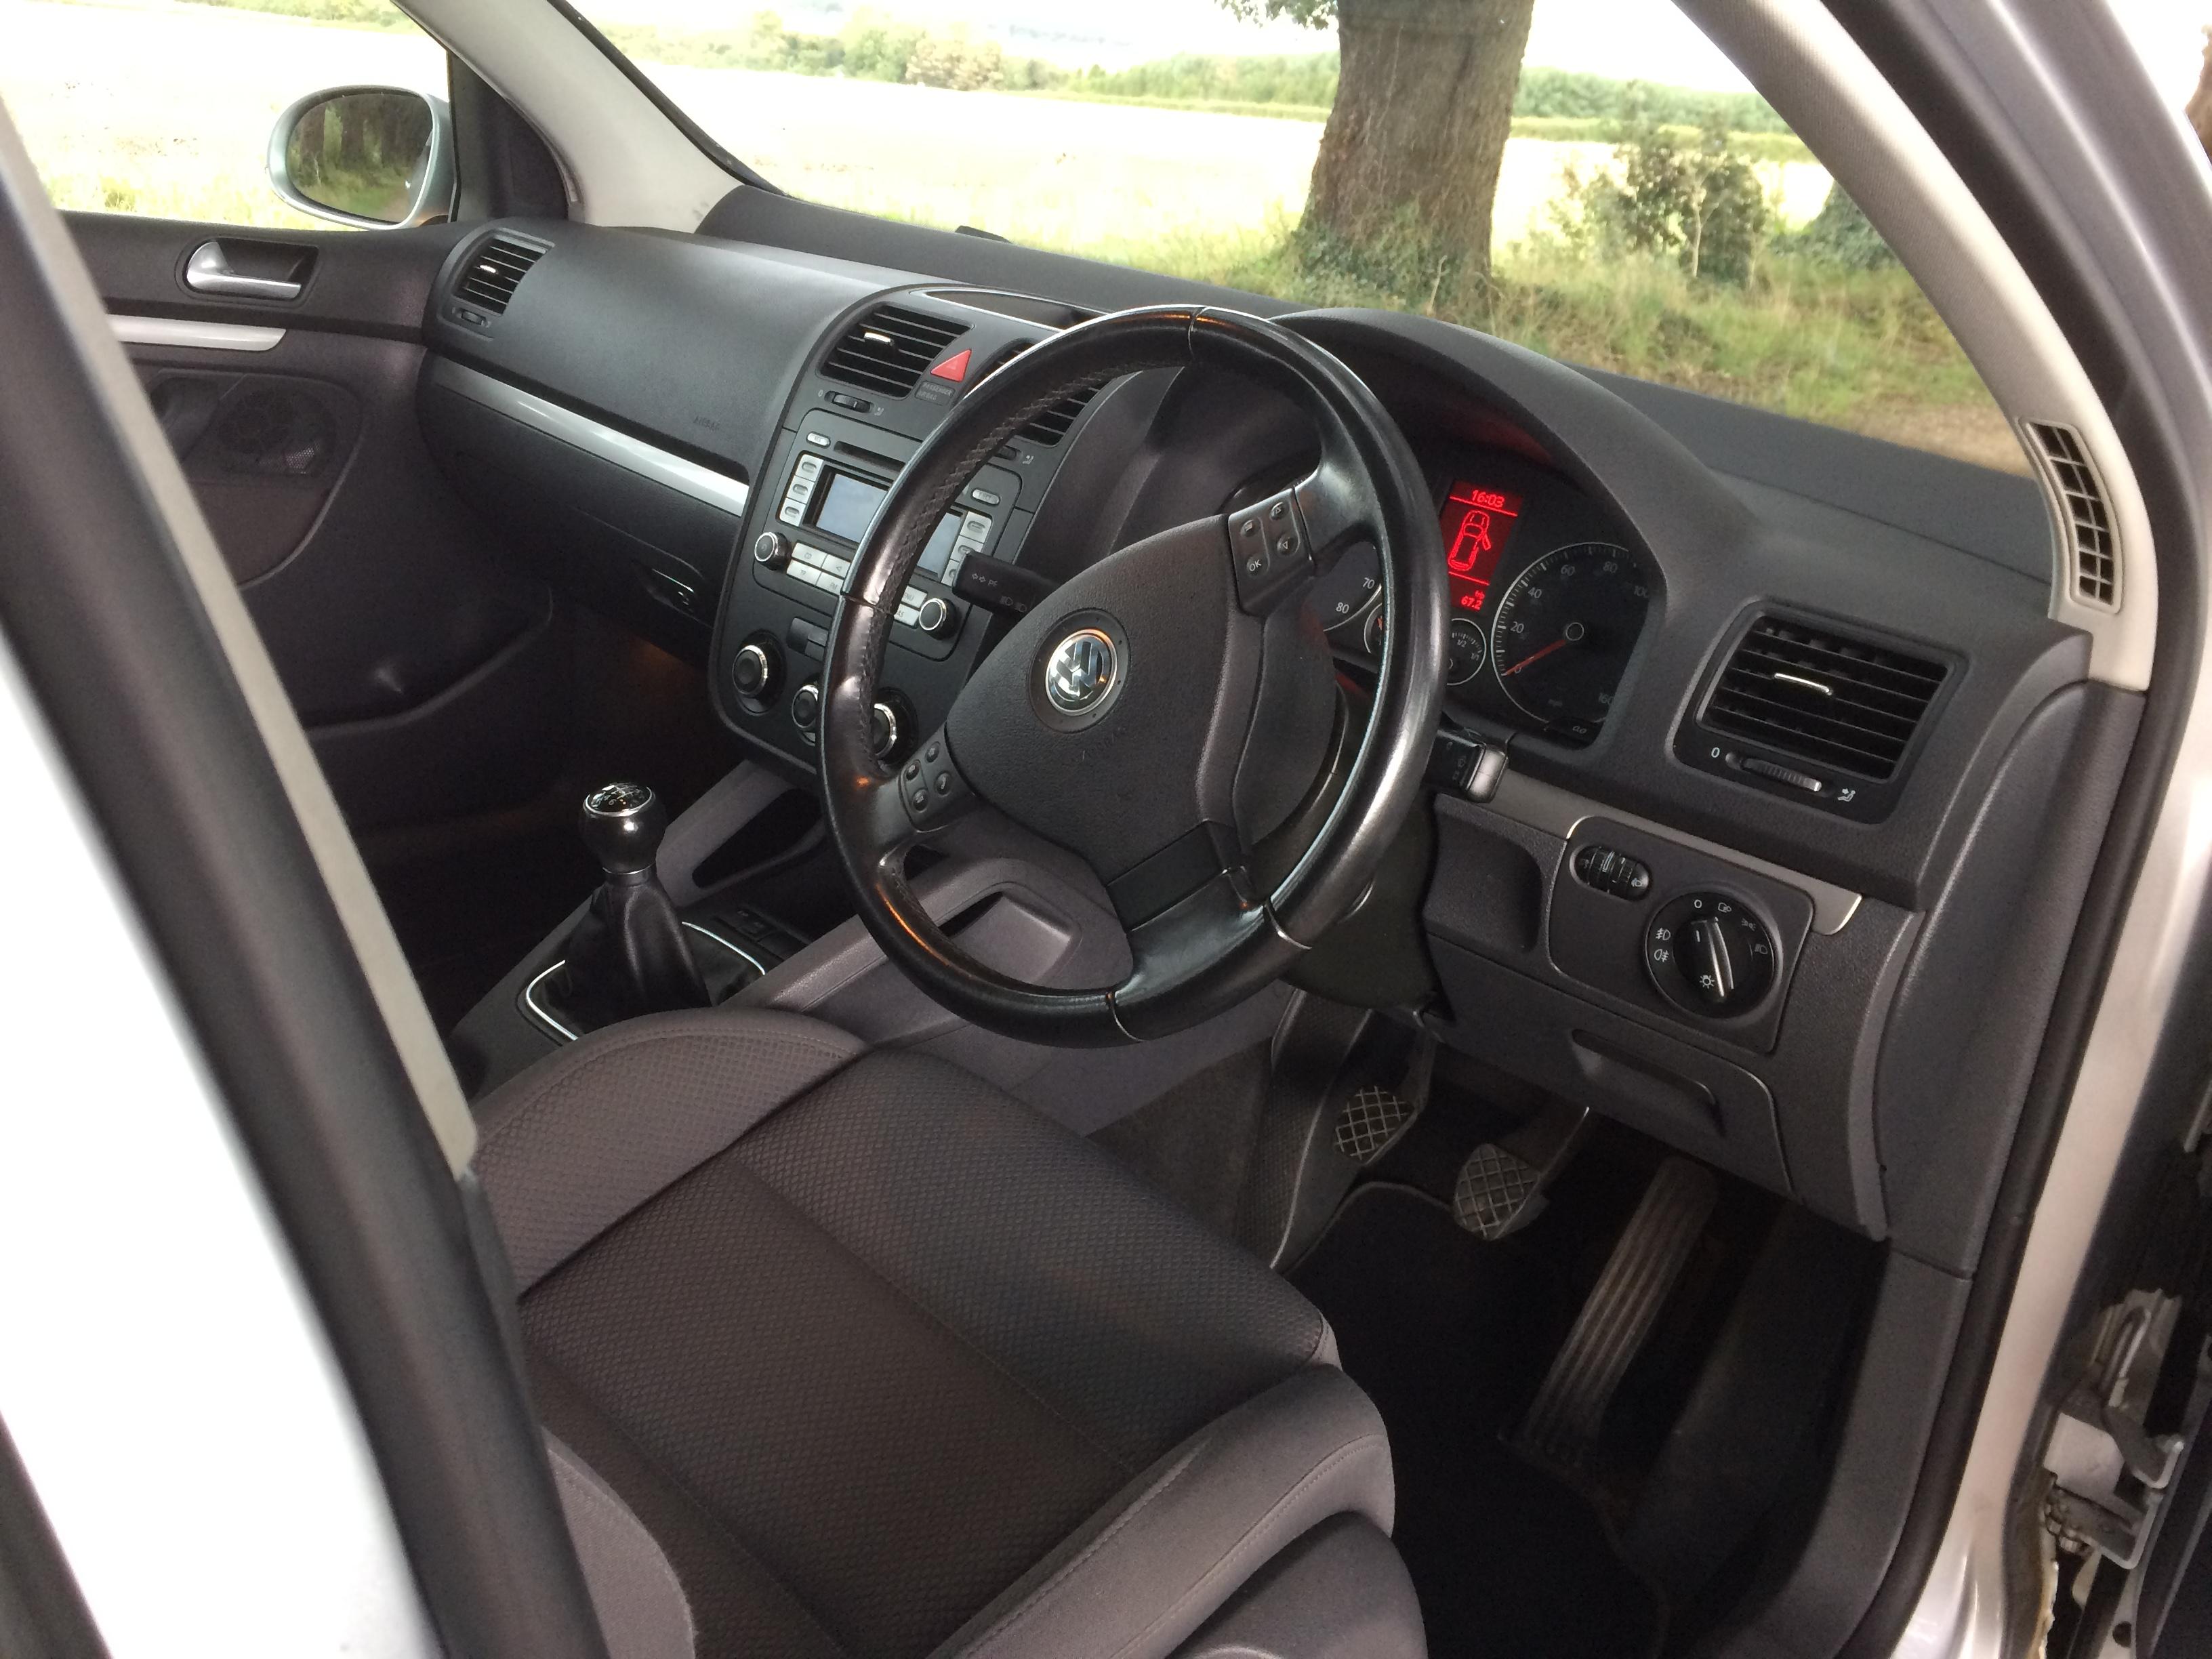 Golf Steering